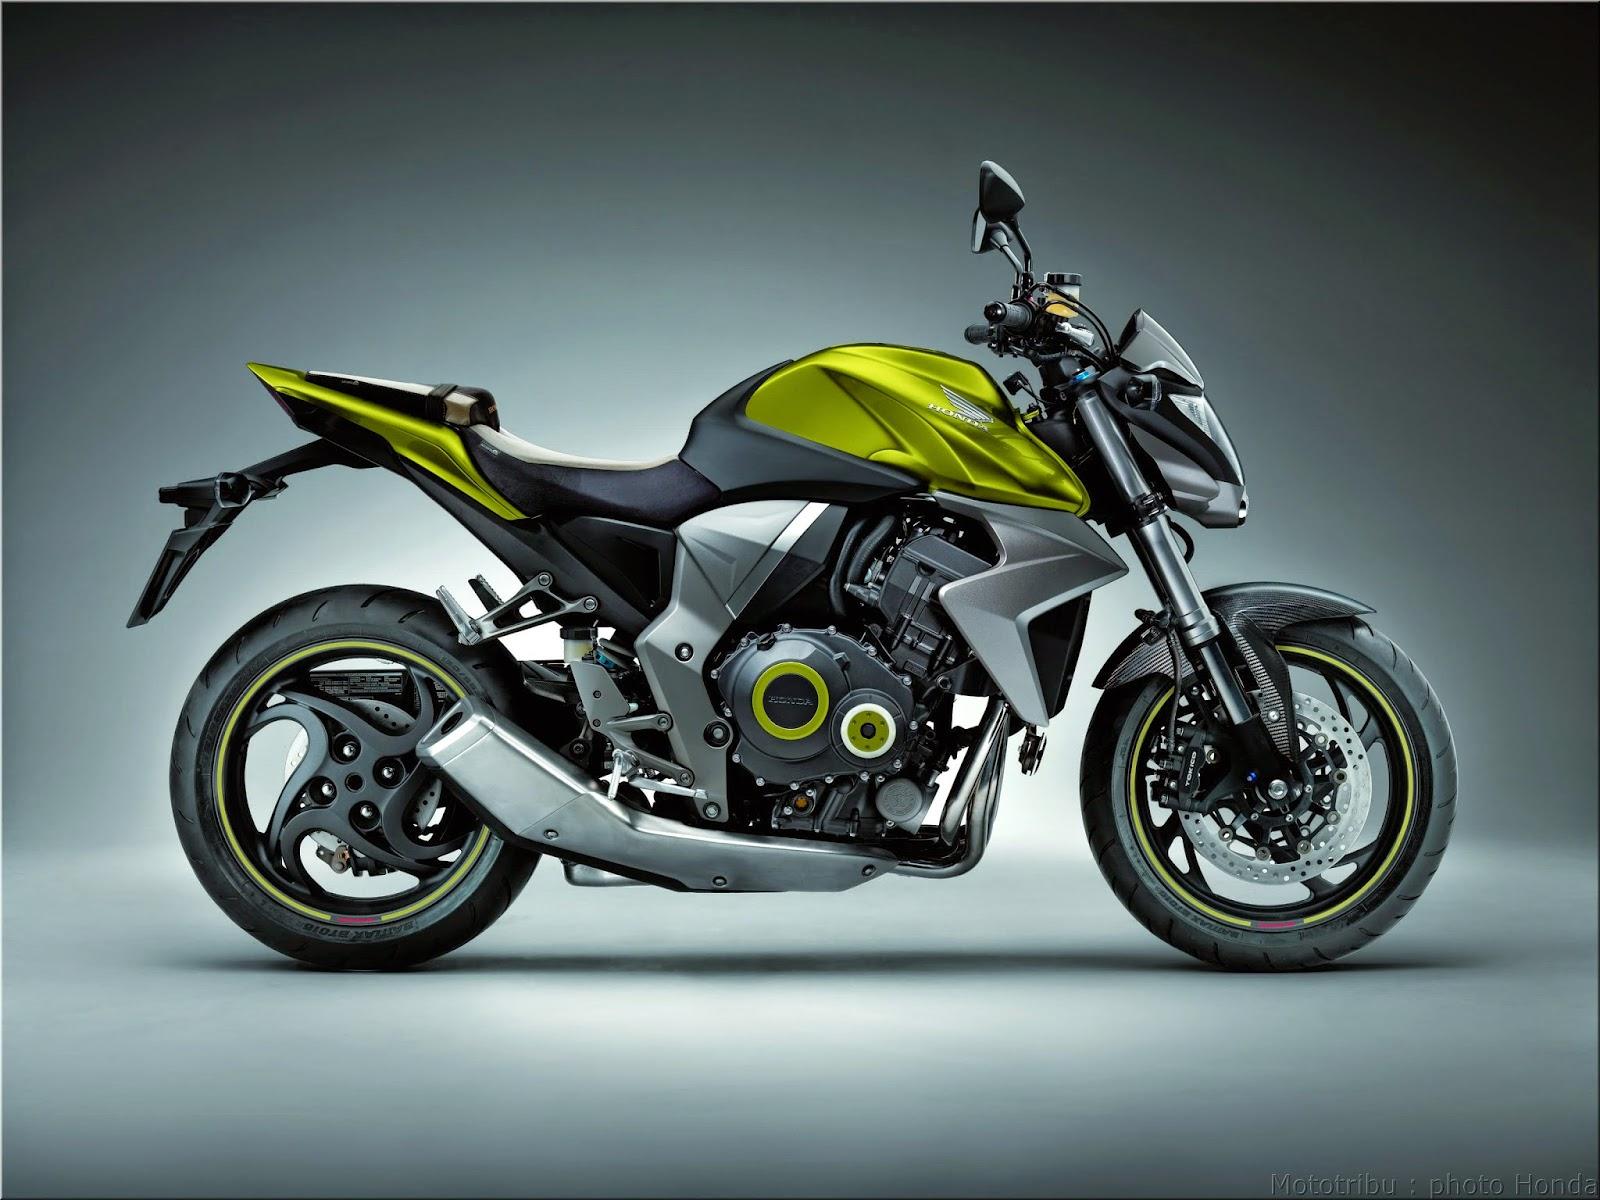 Honda Bike In Green Colour